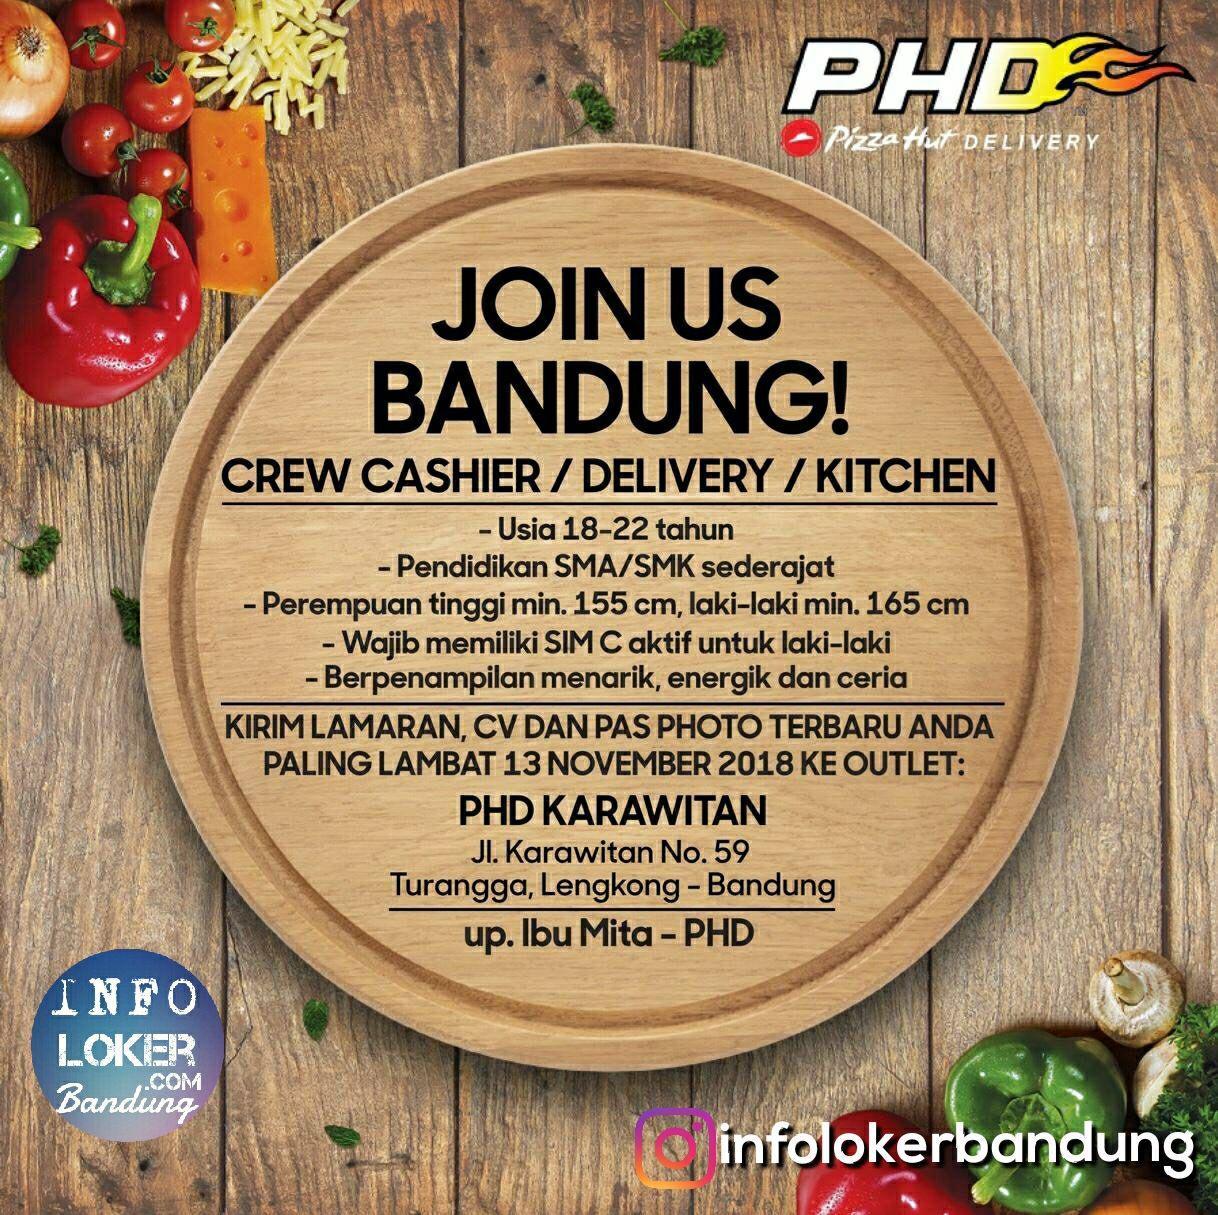 Lowngan Keja Pizza Hut Delivery (PHD) Bandung November 2018